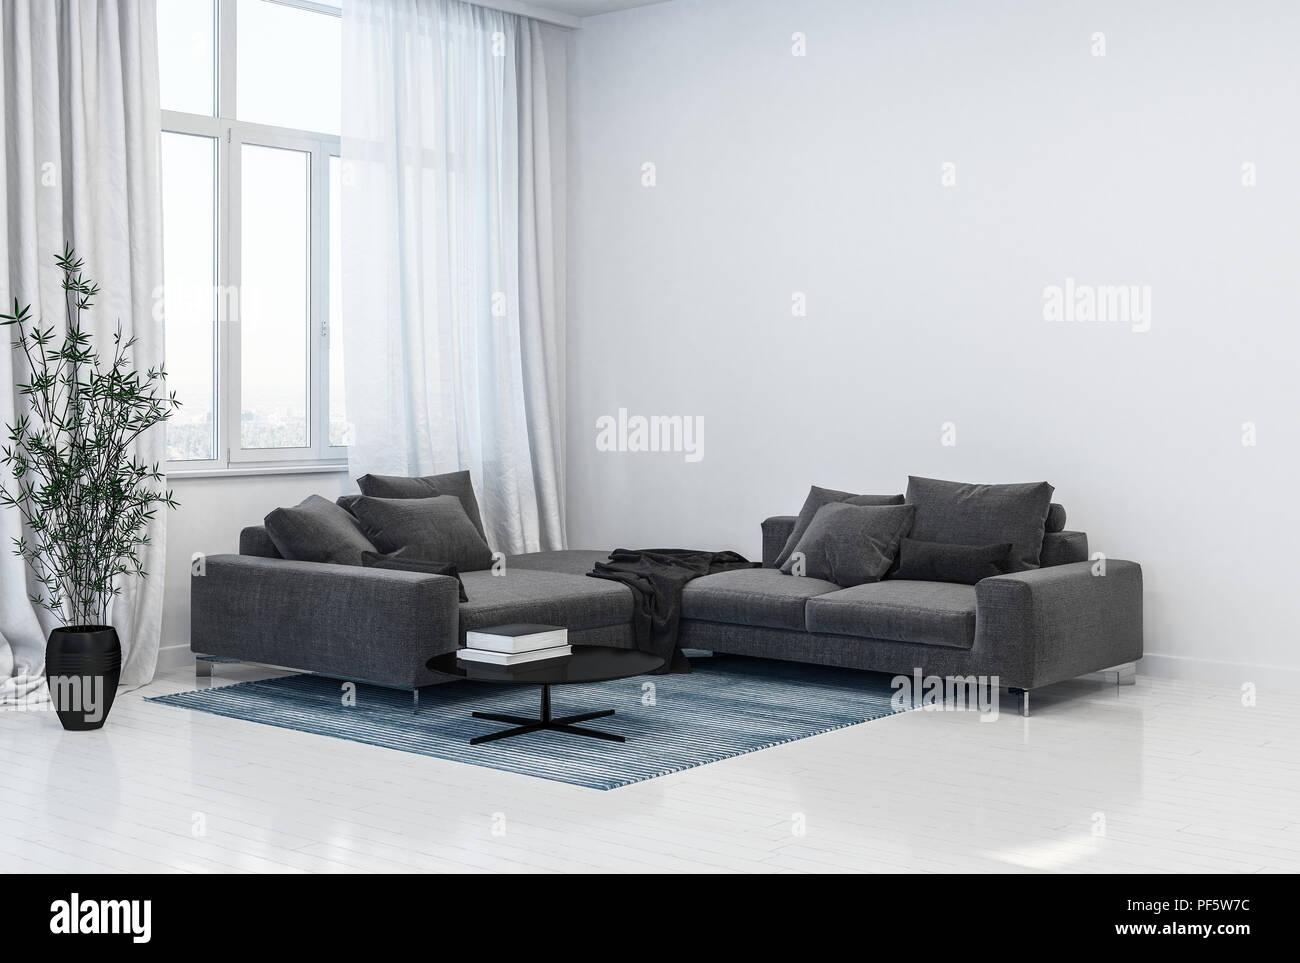 Einfarbig Grau Und Weiss Wohnzimmer Interieur Mit Ecke Sofas